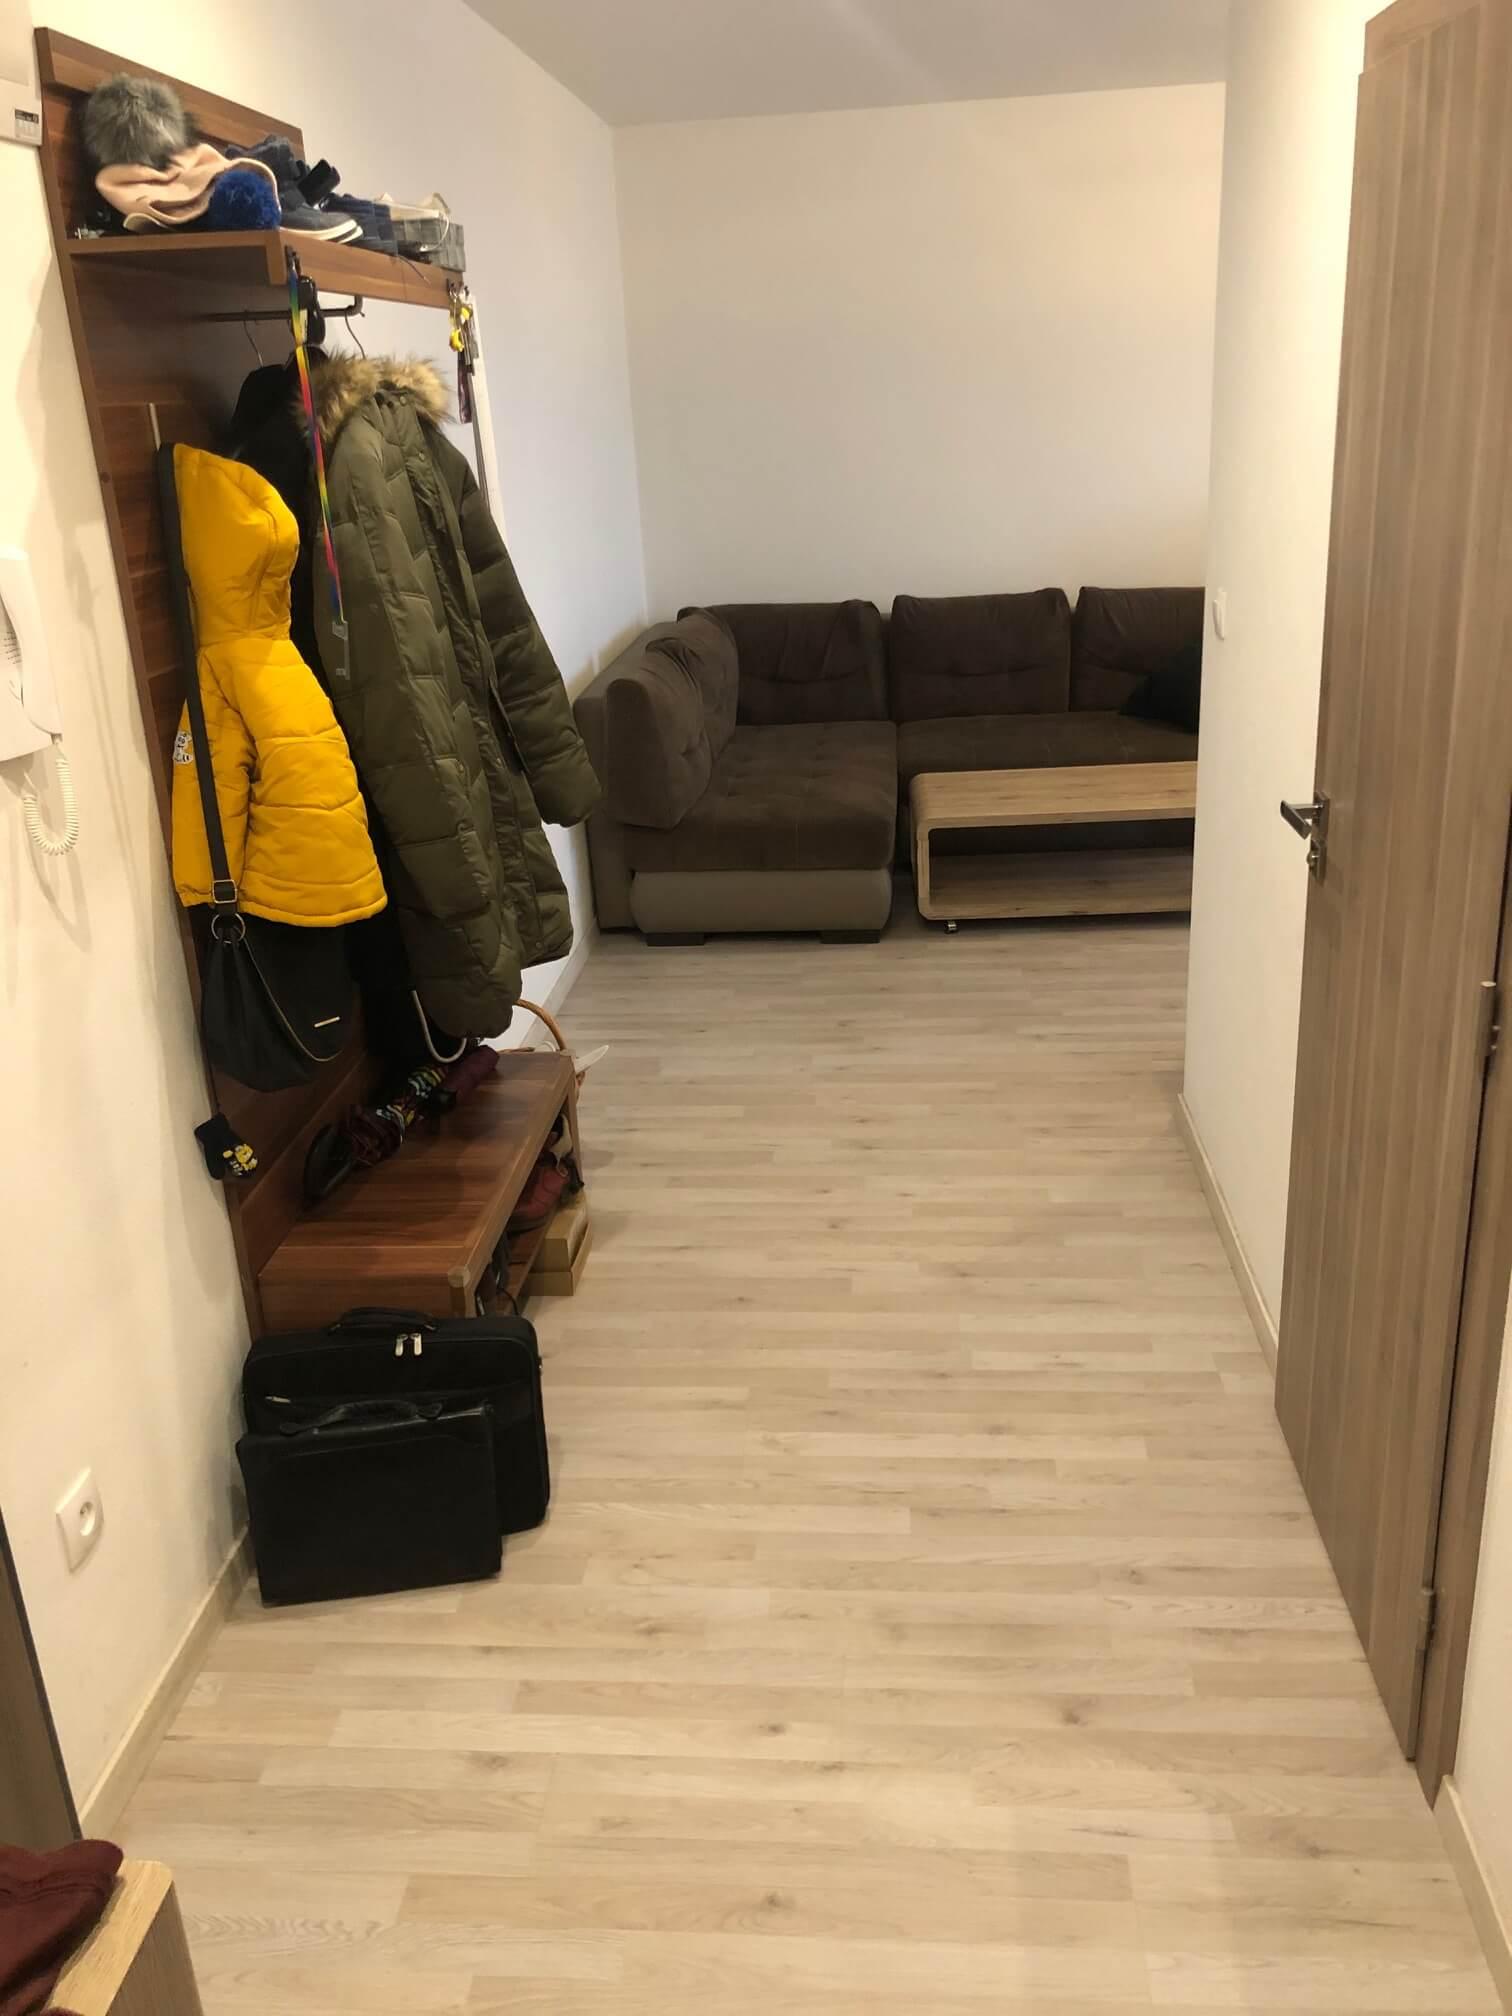 Prenajaté: Prenájom 2 izb. byt, Luxusne zariadeny, v tichej lokalite, Brnianska 4, nad Farbičkou, Malacky,-10